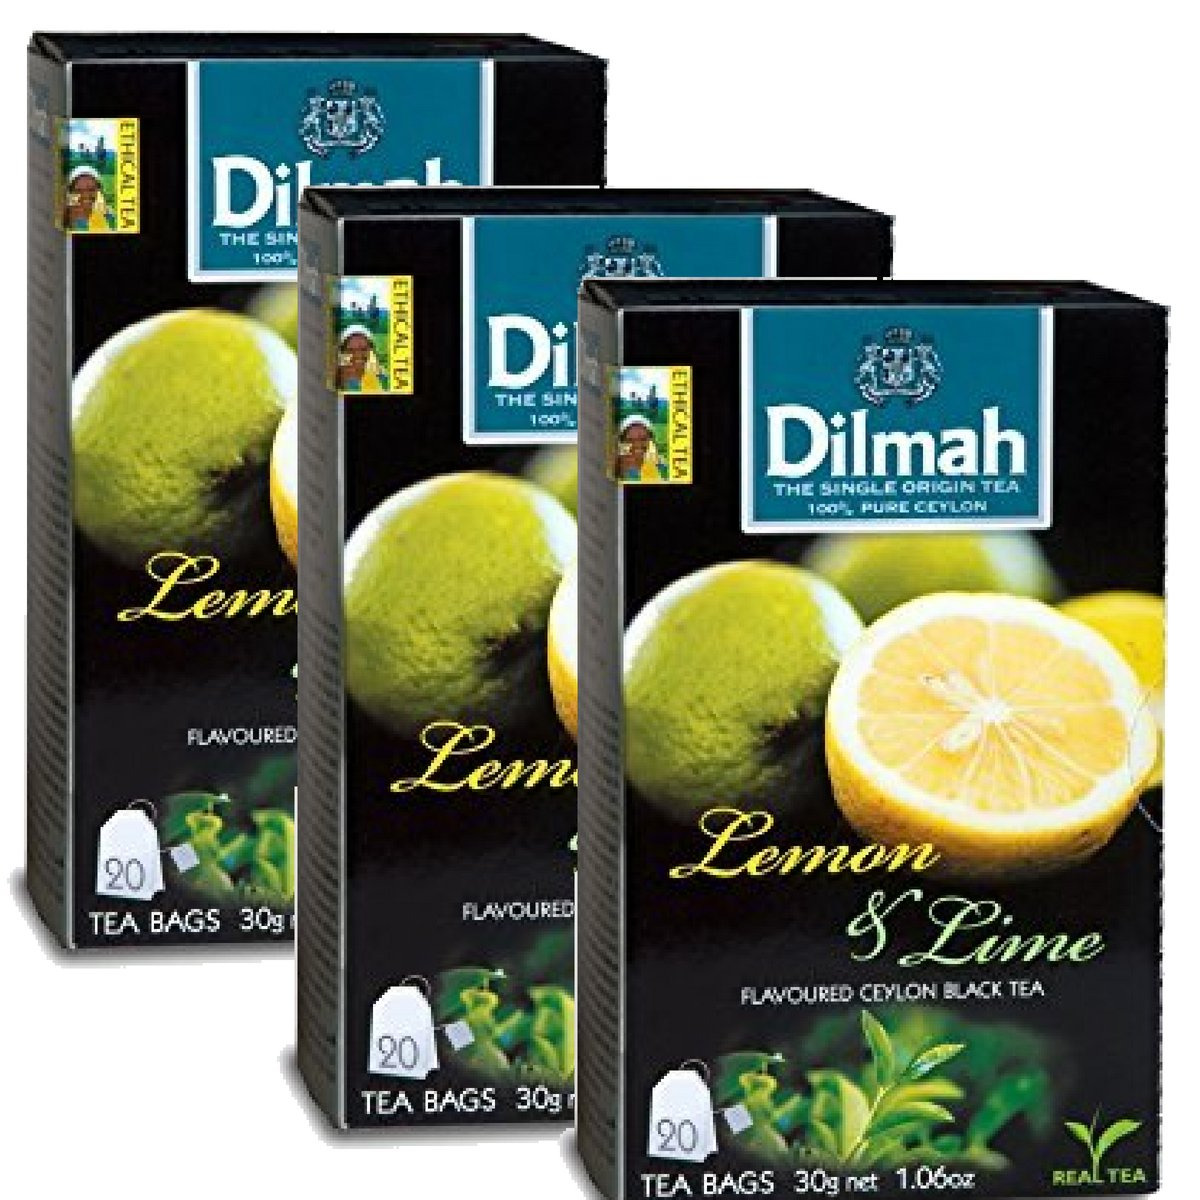 Dilmah Lemon and Lime Flavored Ceylon Black Tea - 20 Tea Bags X 3 Pack - Sri Lanka Ceylon Dilmah Lemon Lime Tea Real Tea